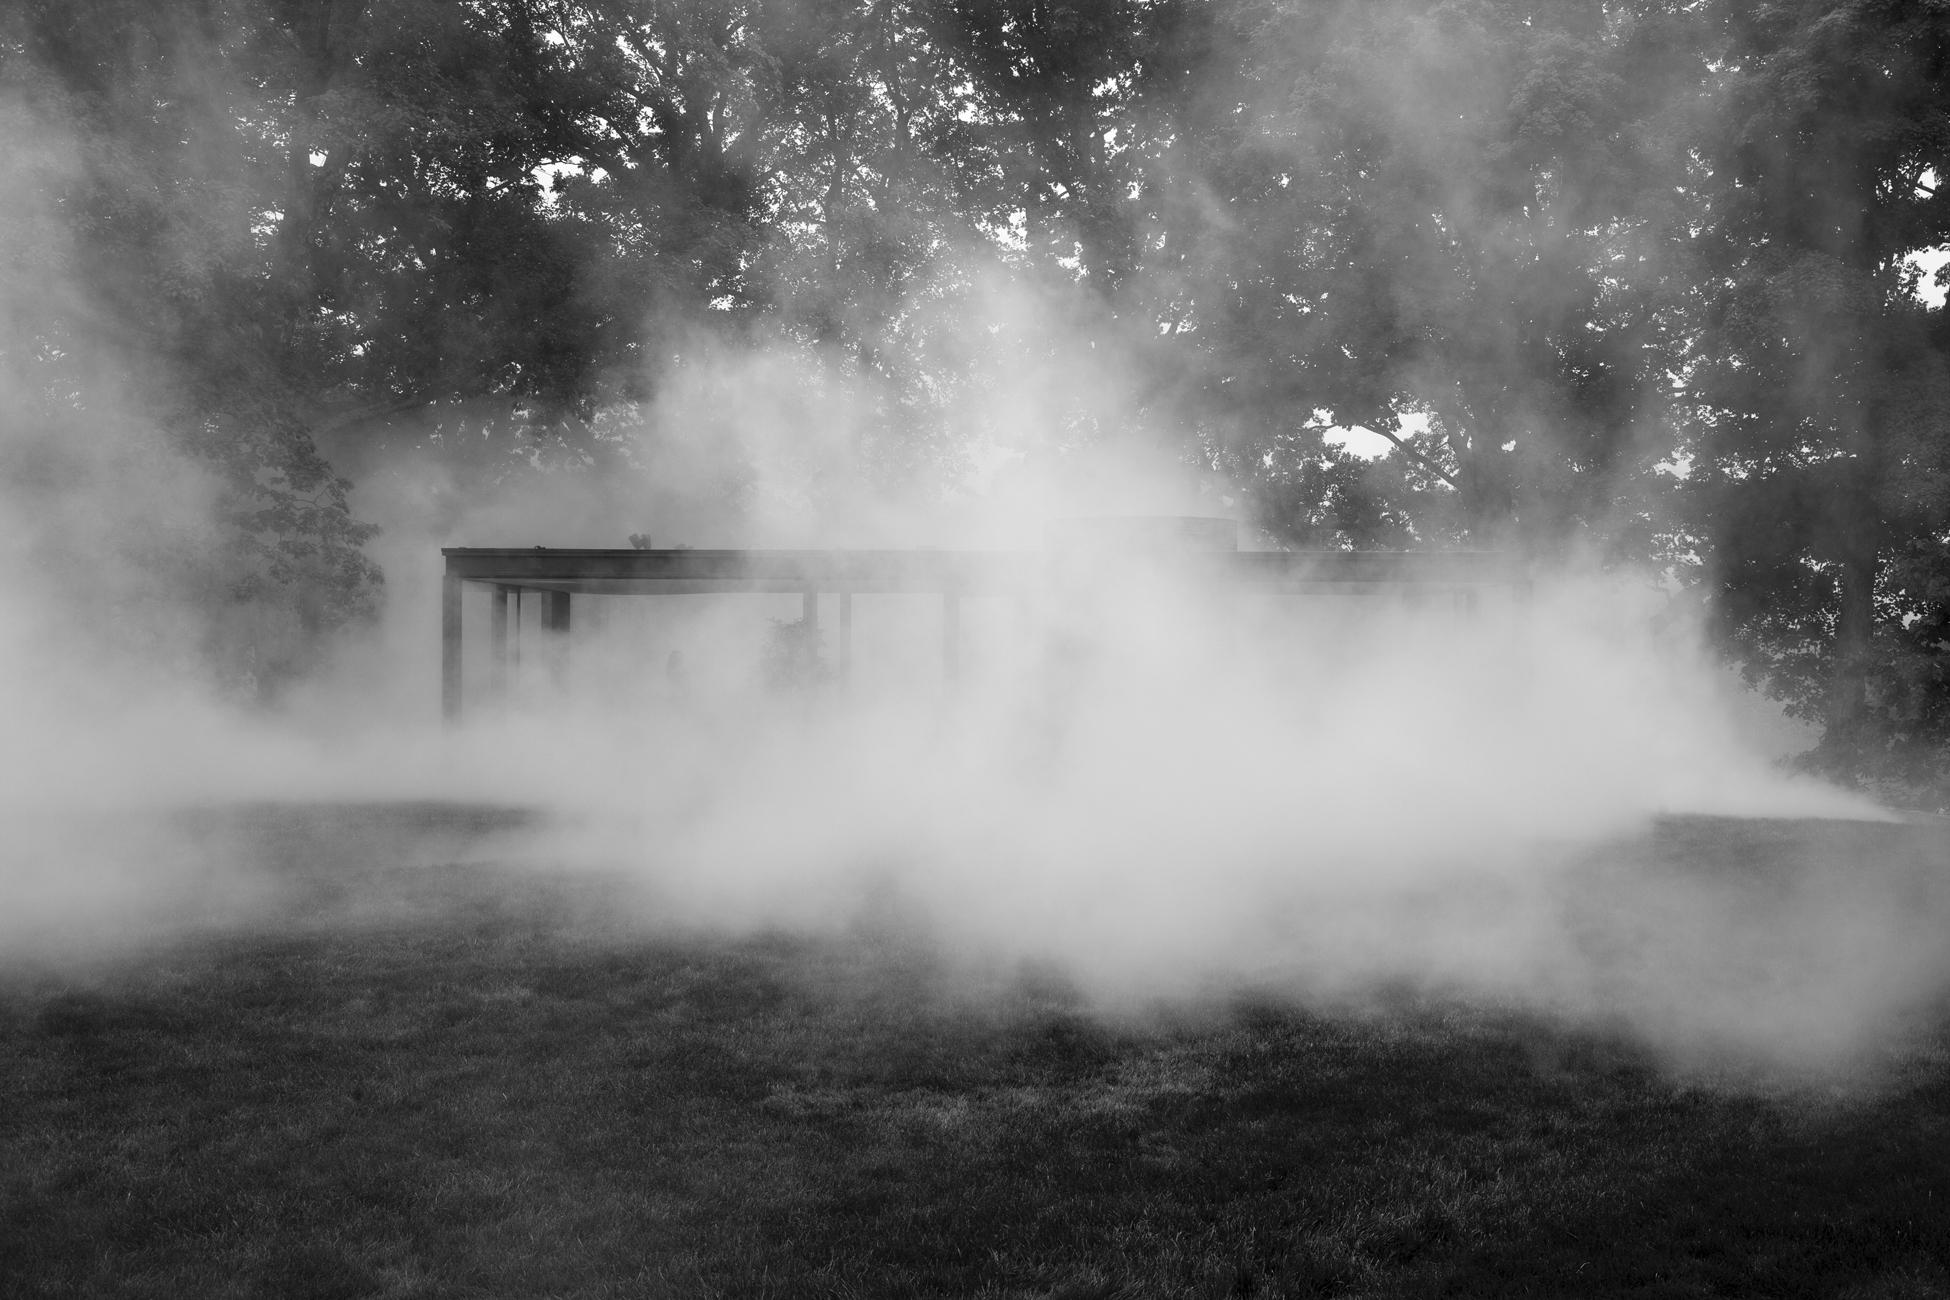 GlassHouse_Fog_210.jpg